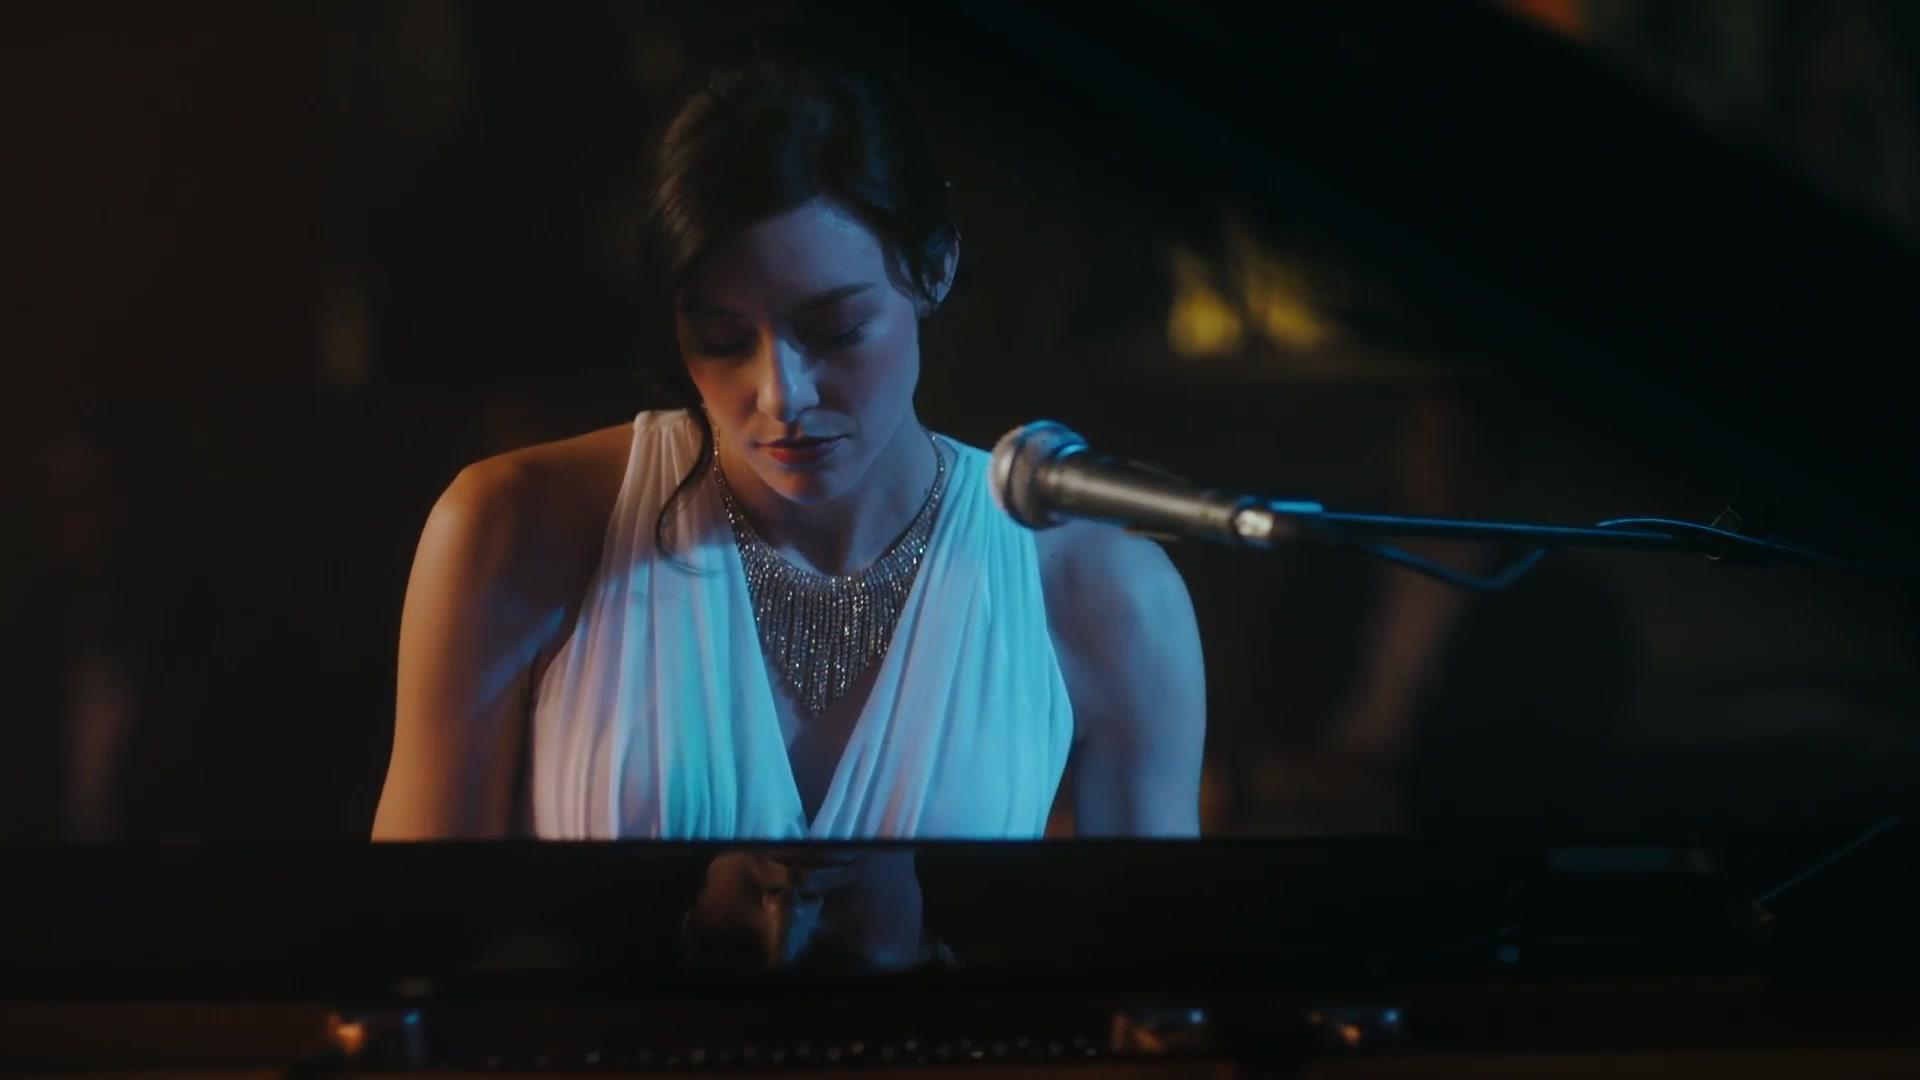 《沉默之人》上市日期公布 最新游戏宣传片赏